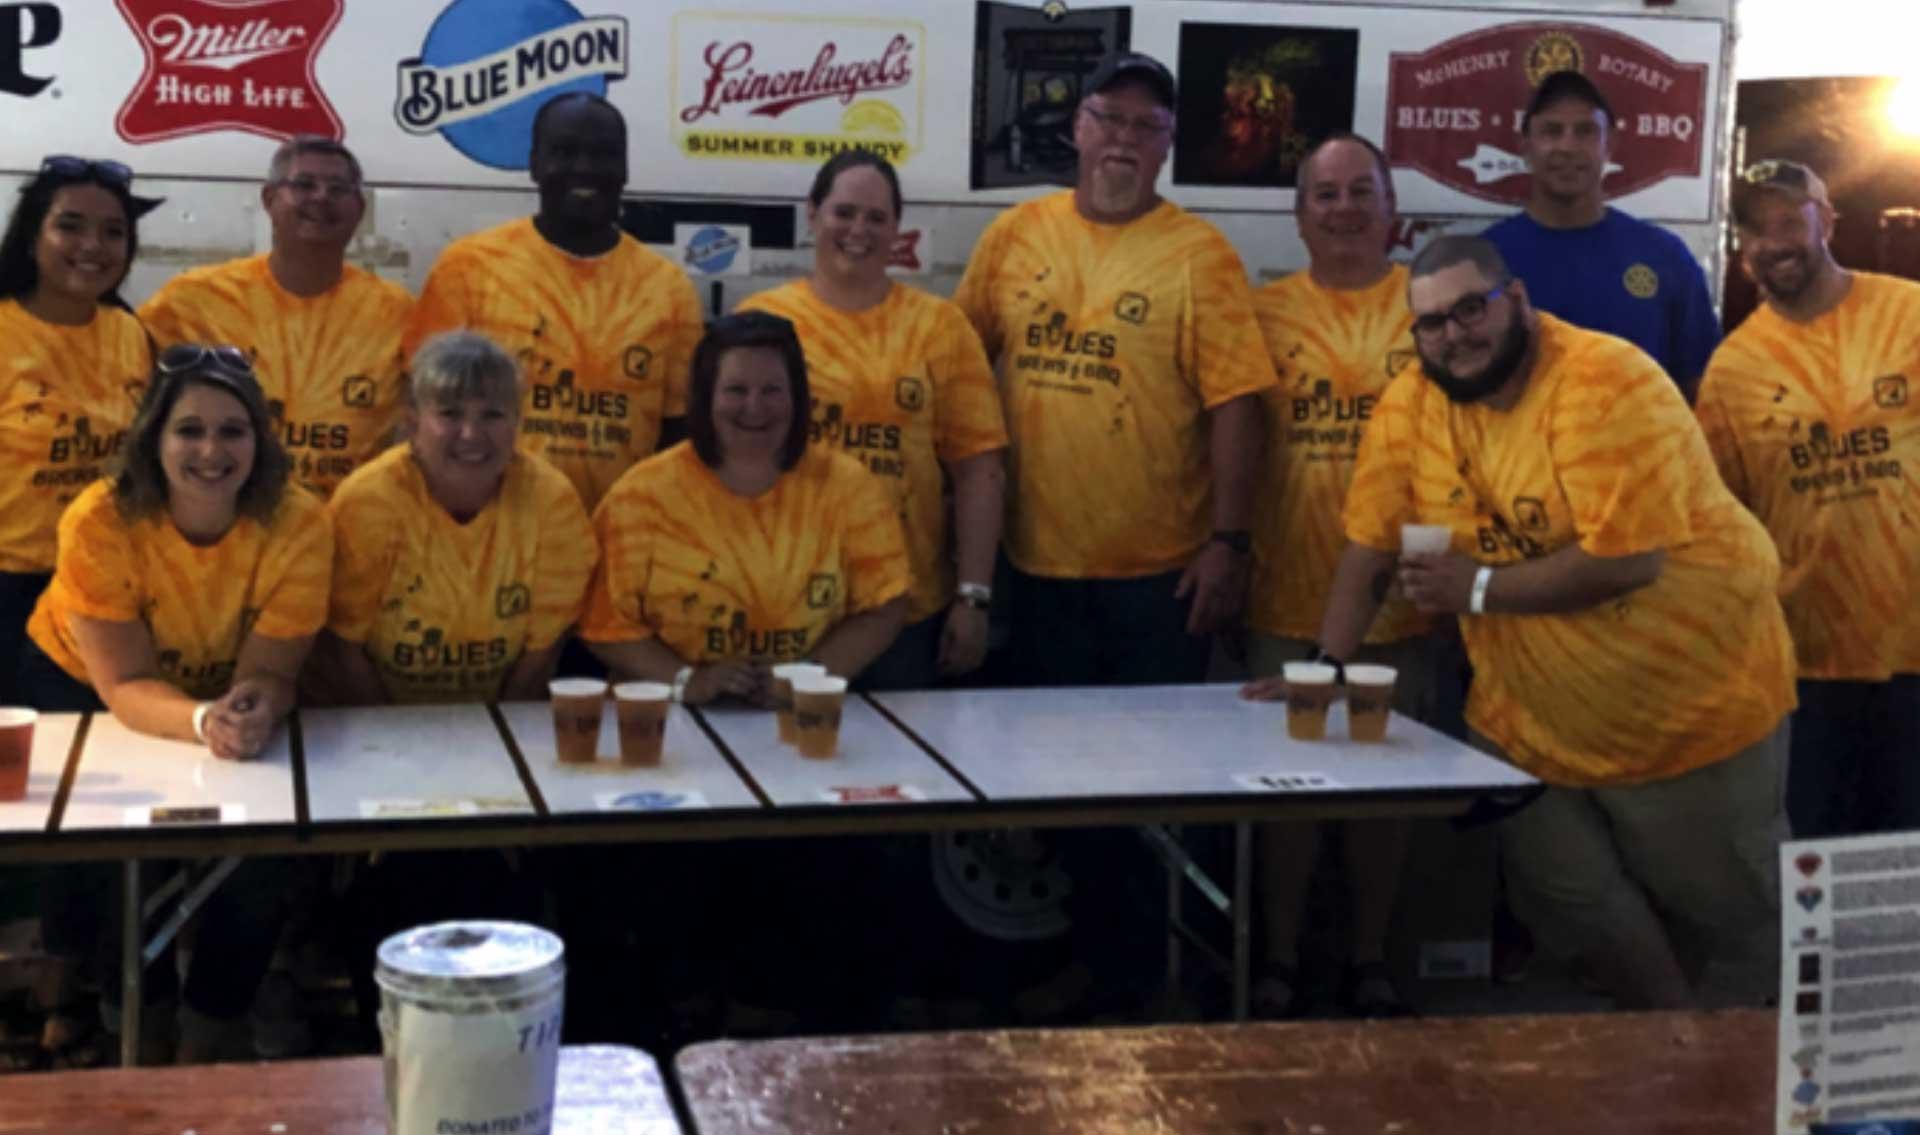 Volunteers at BBQ fest